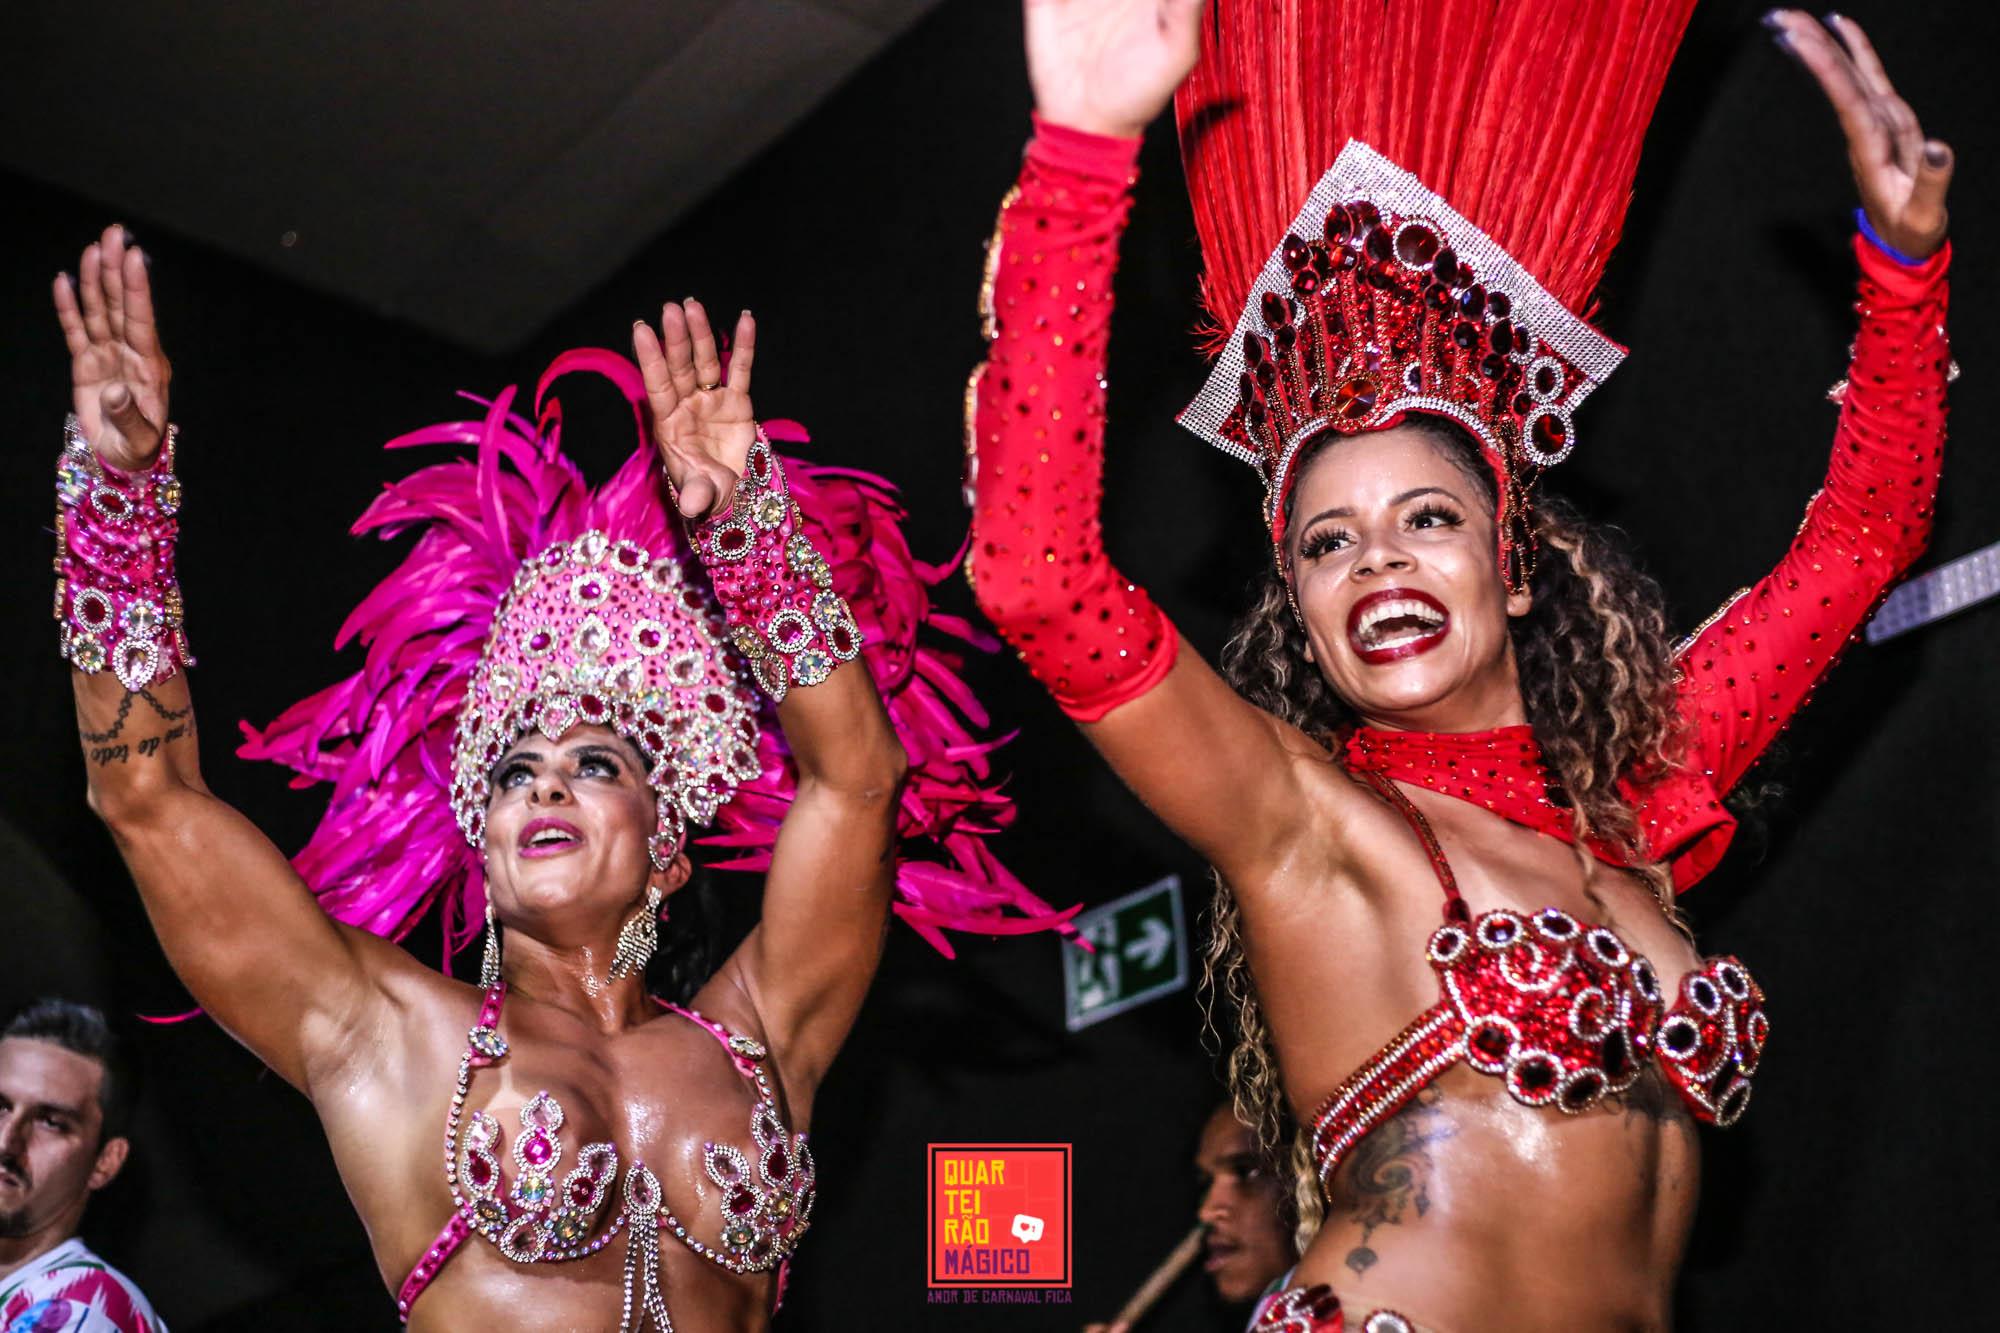 Bloco Quarteirão Mágico agita carnaval da Vila Madalena